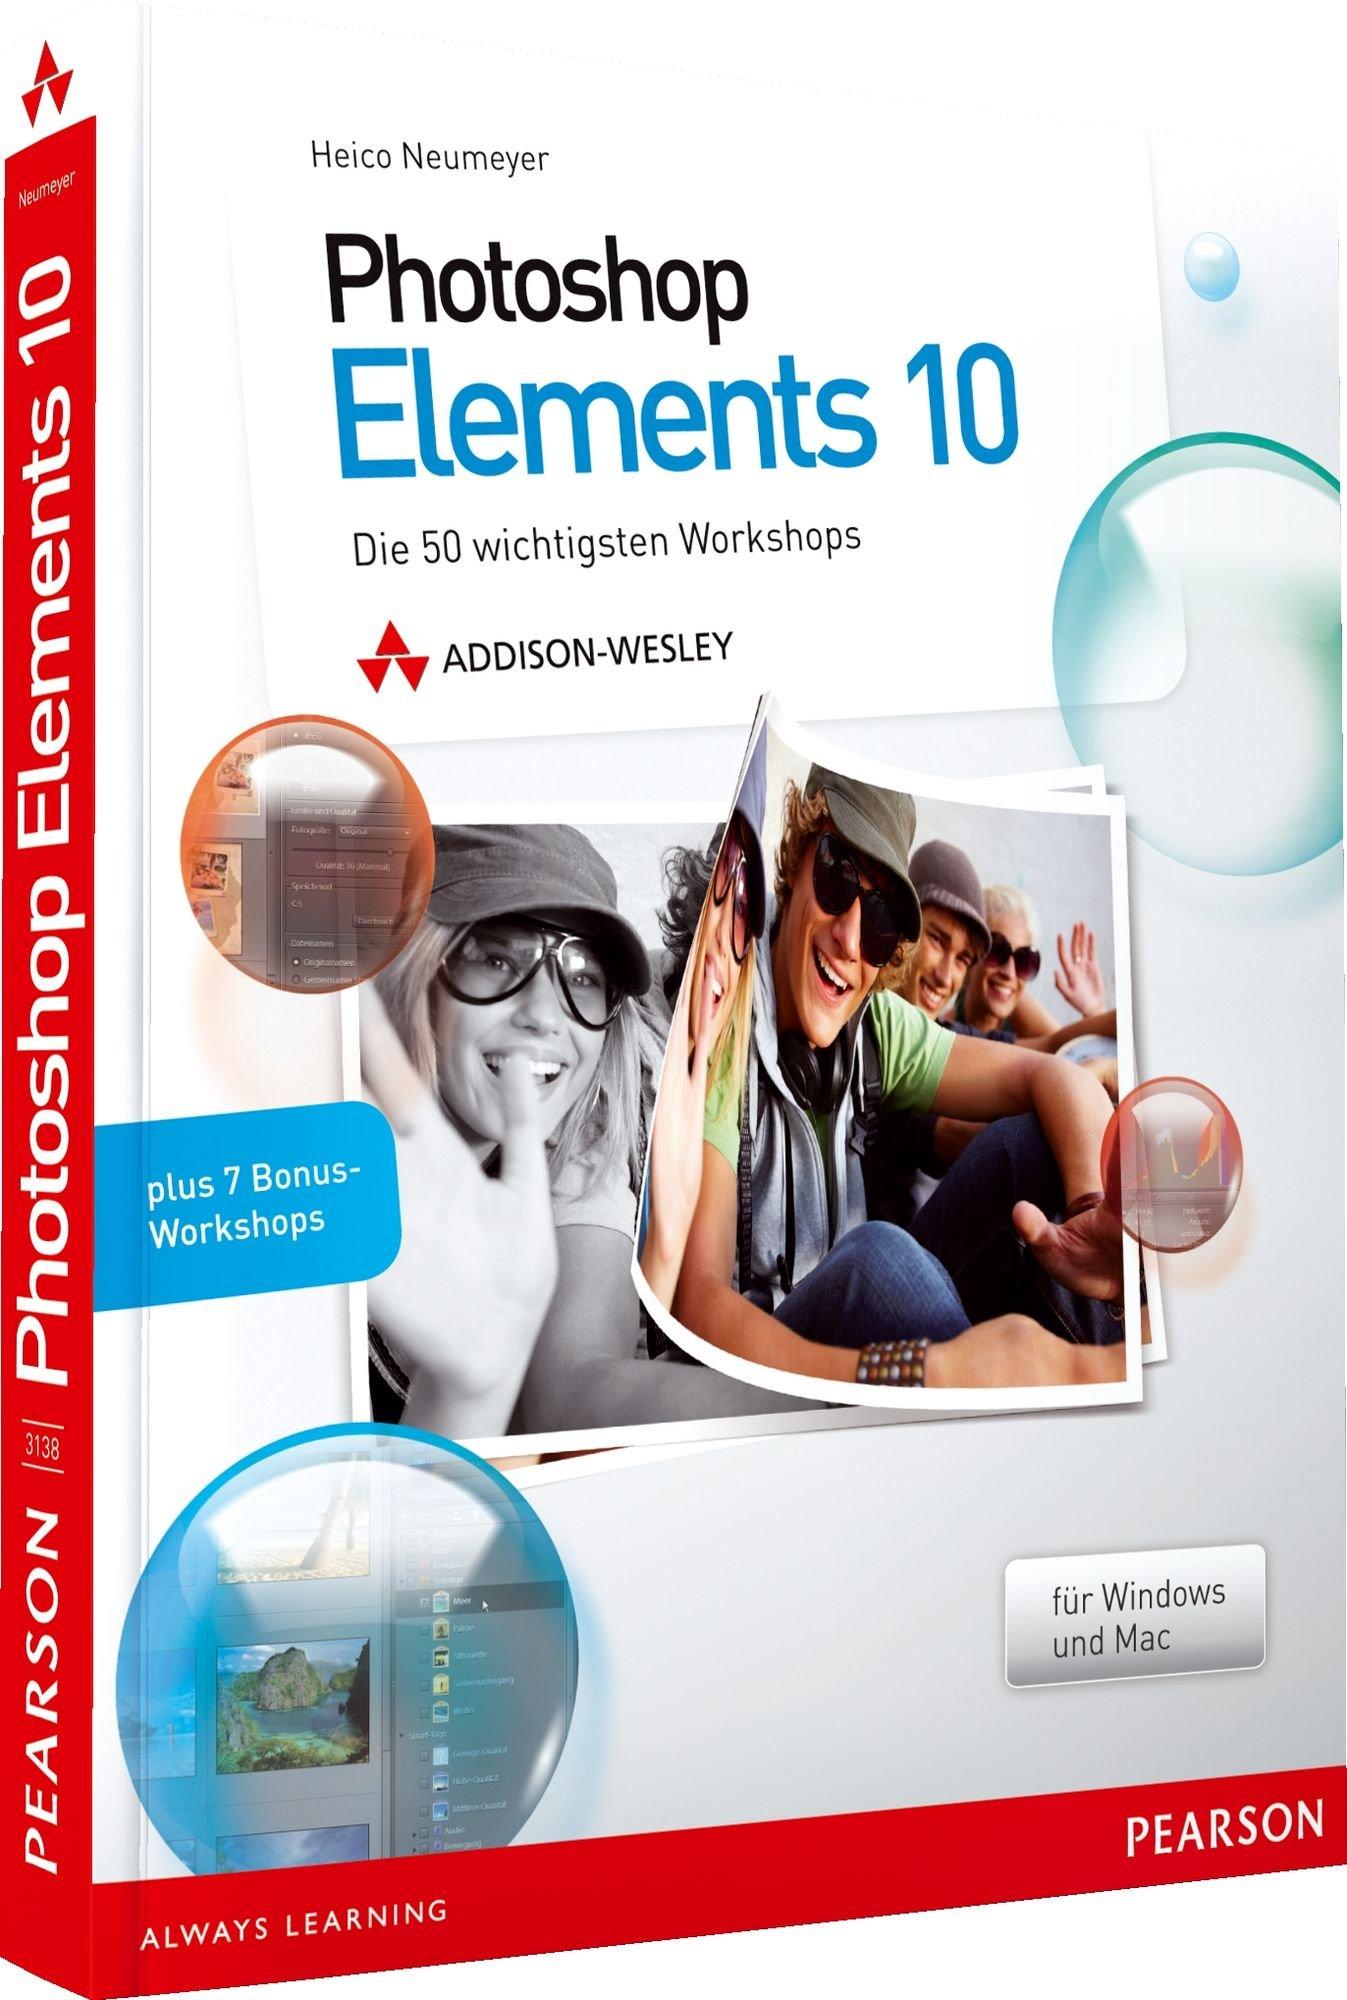 Photoshop Elements 10 - Die 50 wichtigsten Workshops (DPI Grafik) Taschenbuch – 1. Januar 2012 Heico Neumeyer Addison-Wesley Verlag 3827331382 21235813